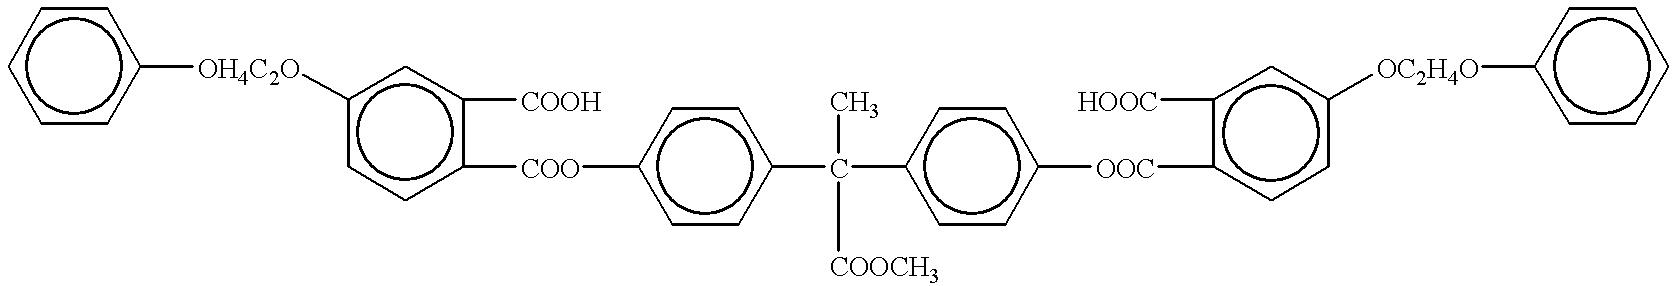 Figure US06180560-20010130-C00319